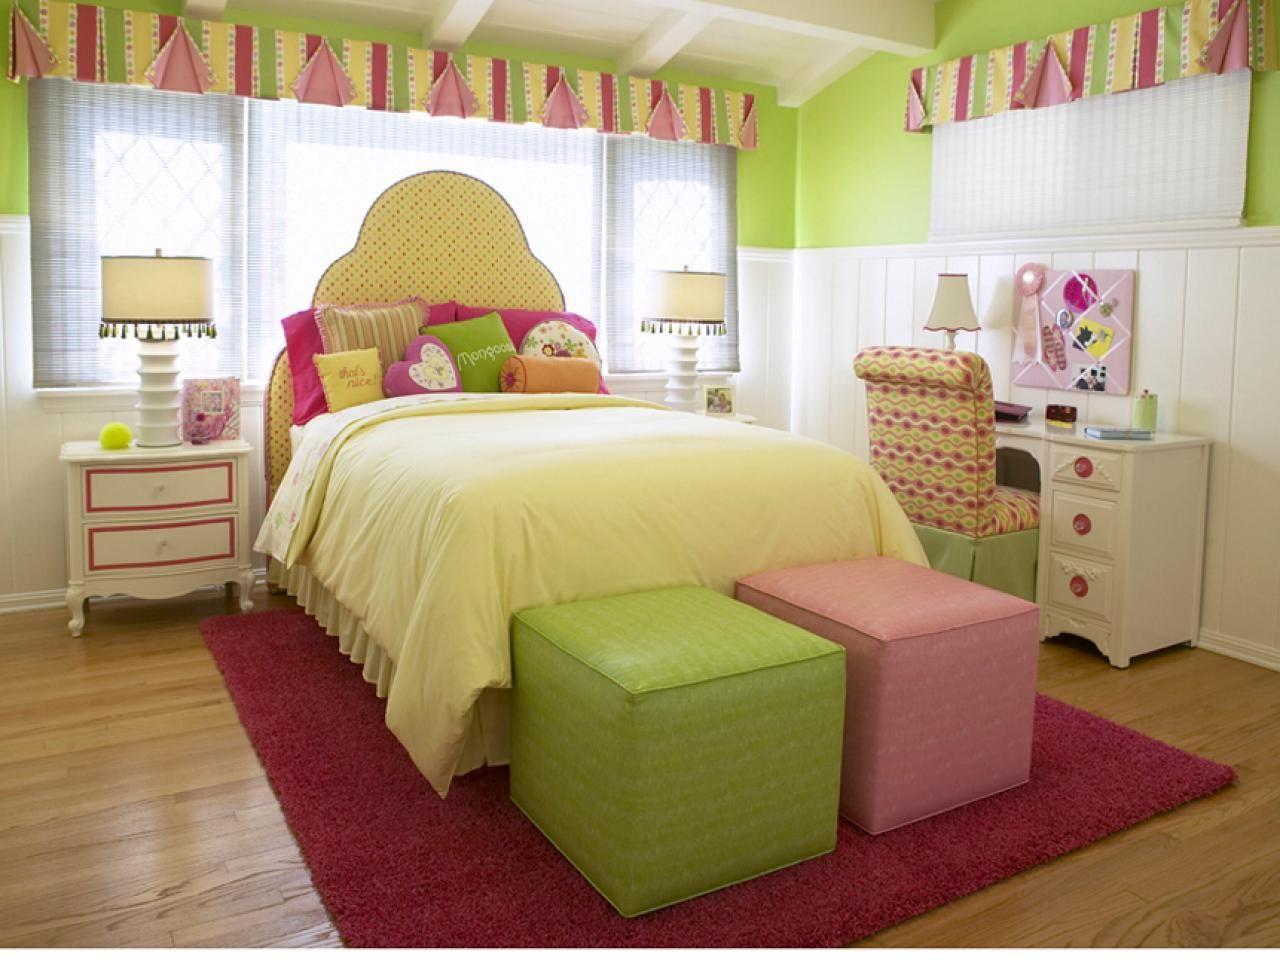 Colores para juveniles femeninas interesting decoracion de cuartos juveniles femeninos modernos Colores para habitaciones juveniles femeninas